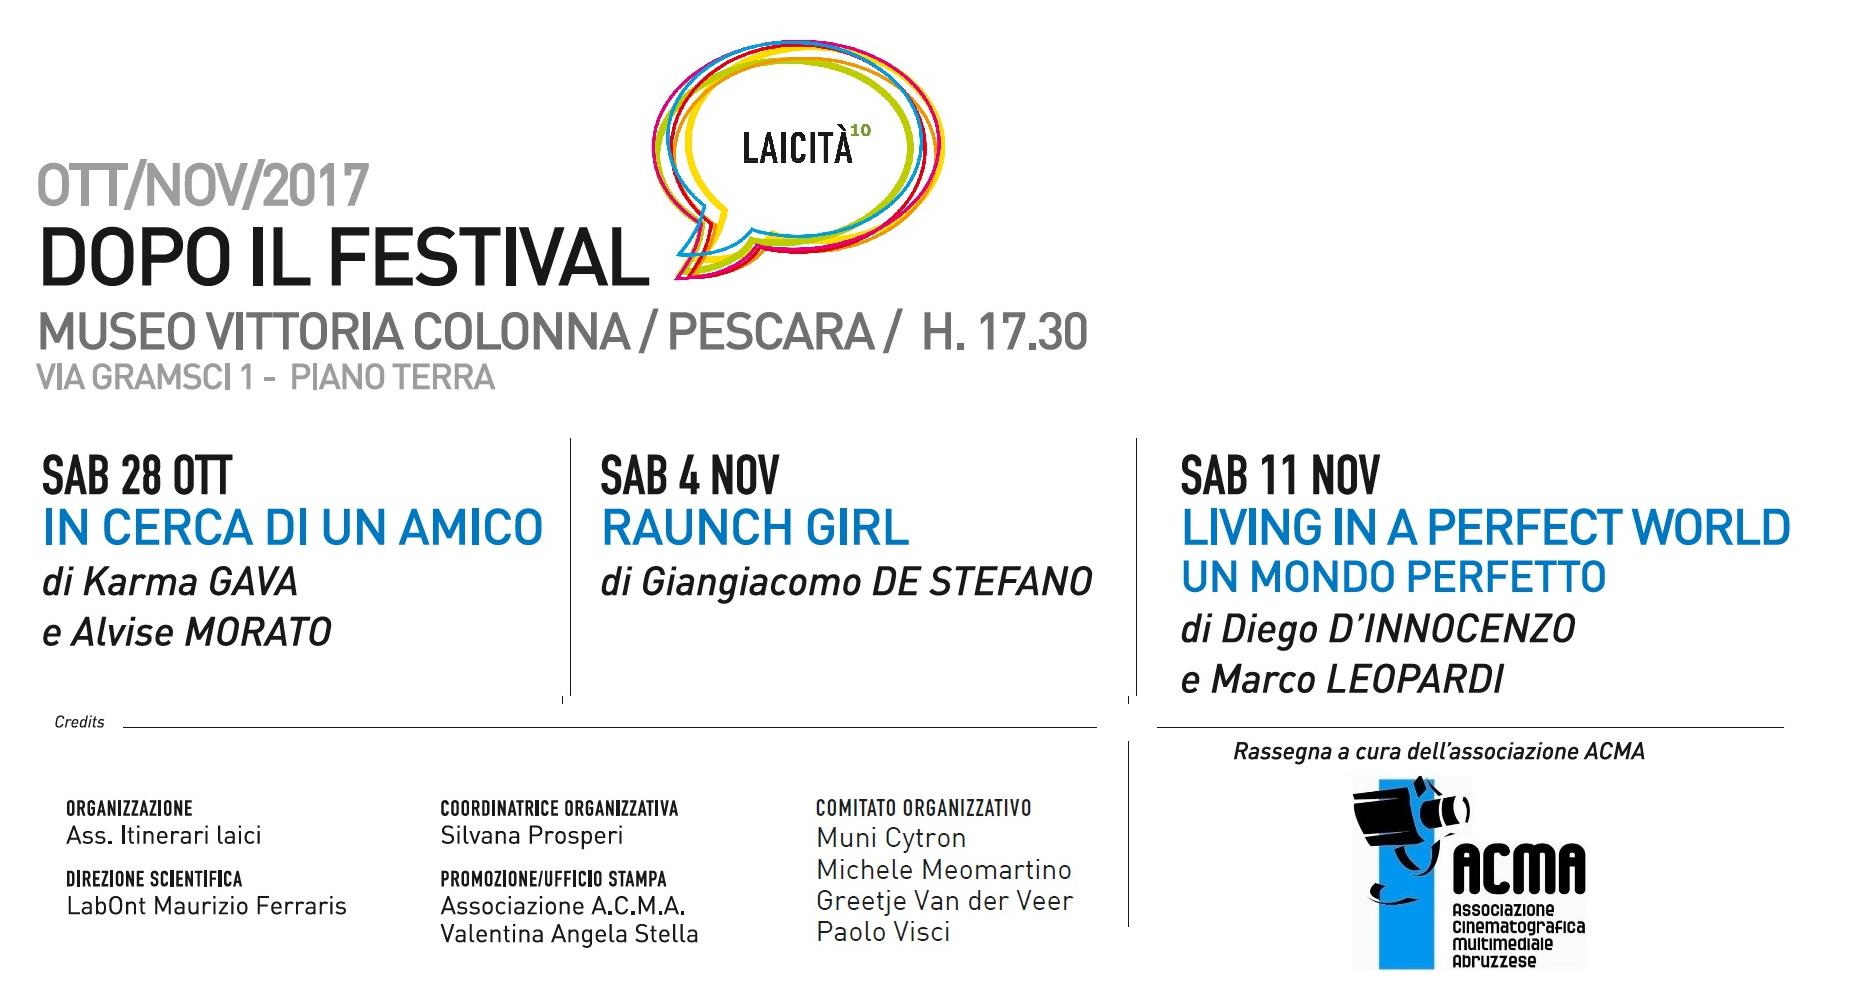 Al via Laicità CINEMA a Pescara. Sabato 28 la prima proiezione